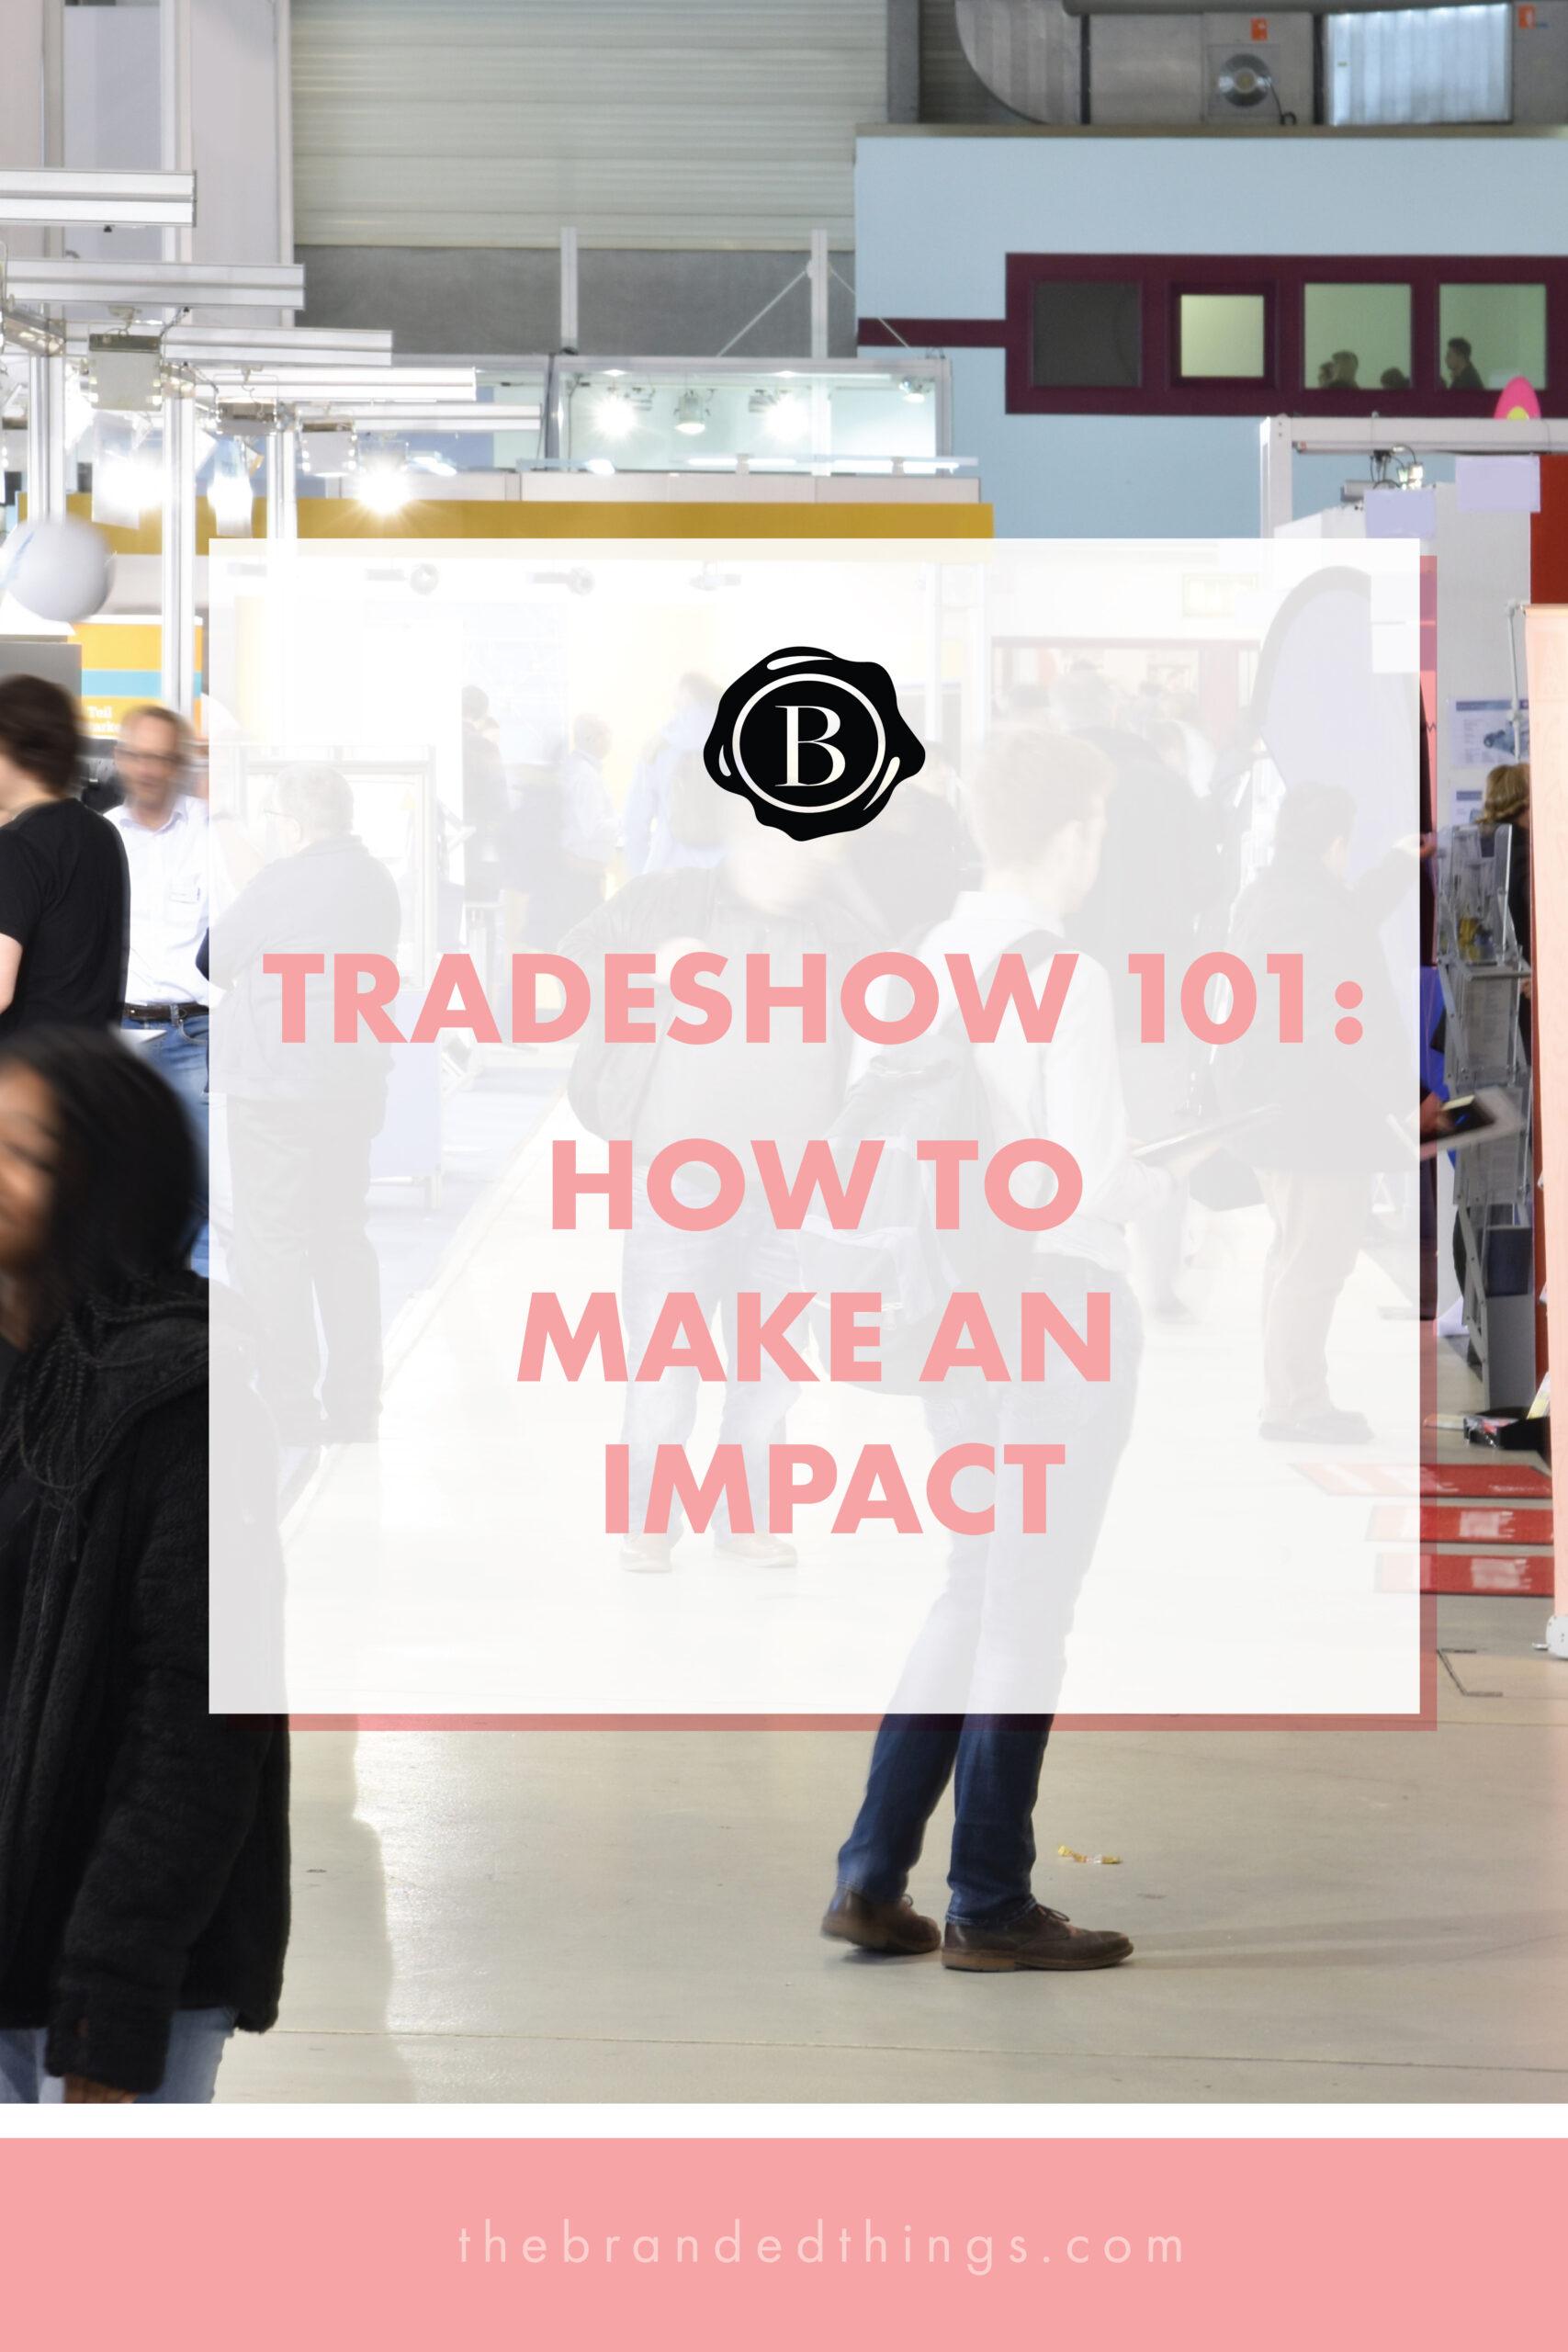 Tradeshow 101 How to Make an Impact